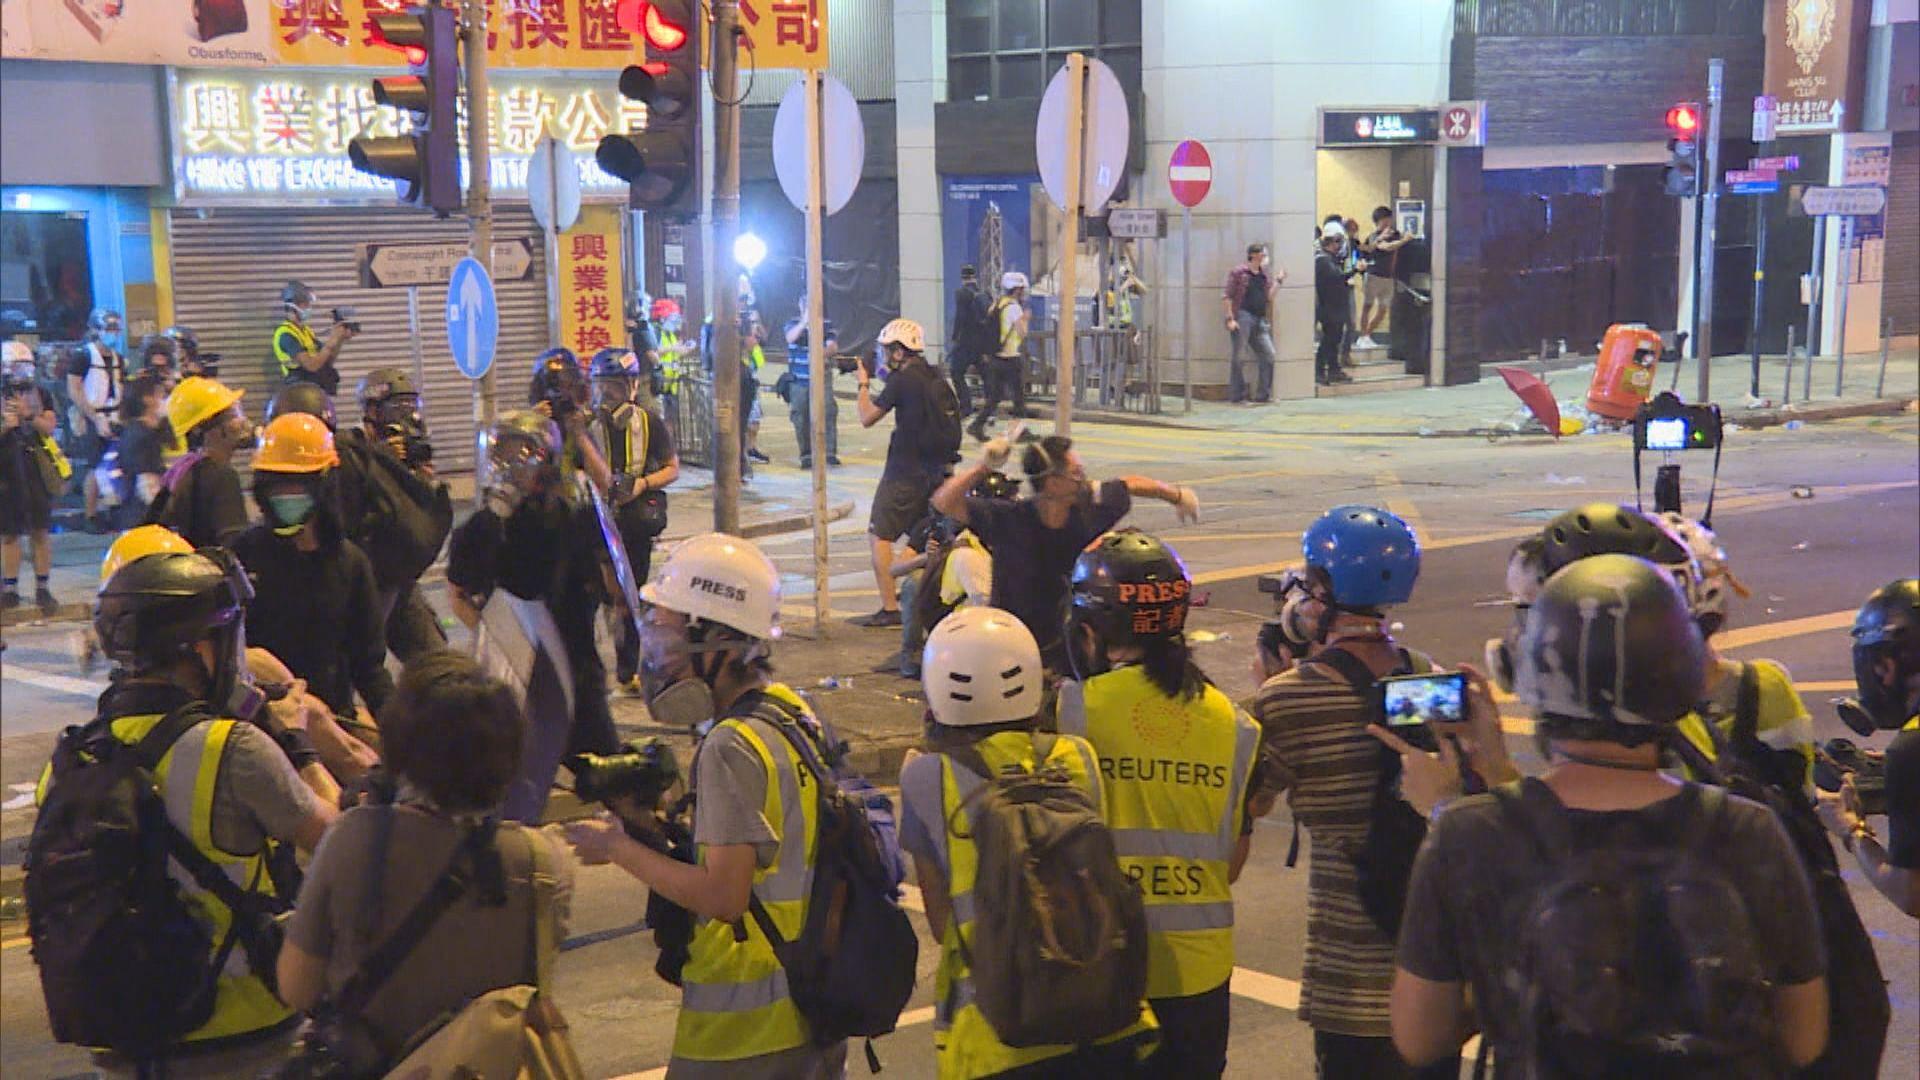 警方:法庭不應基於記者投訴作出針對整個警隊裁決